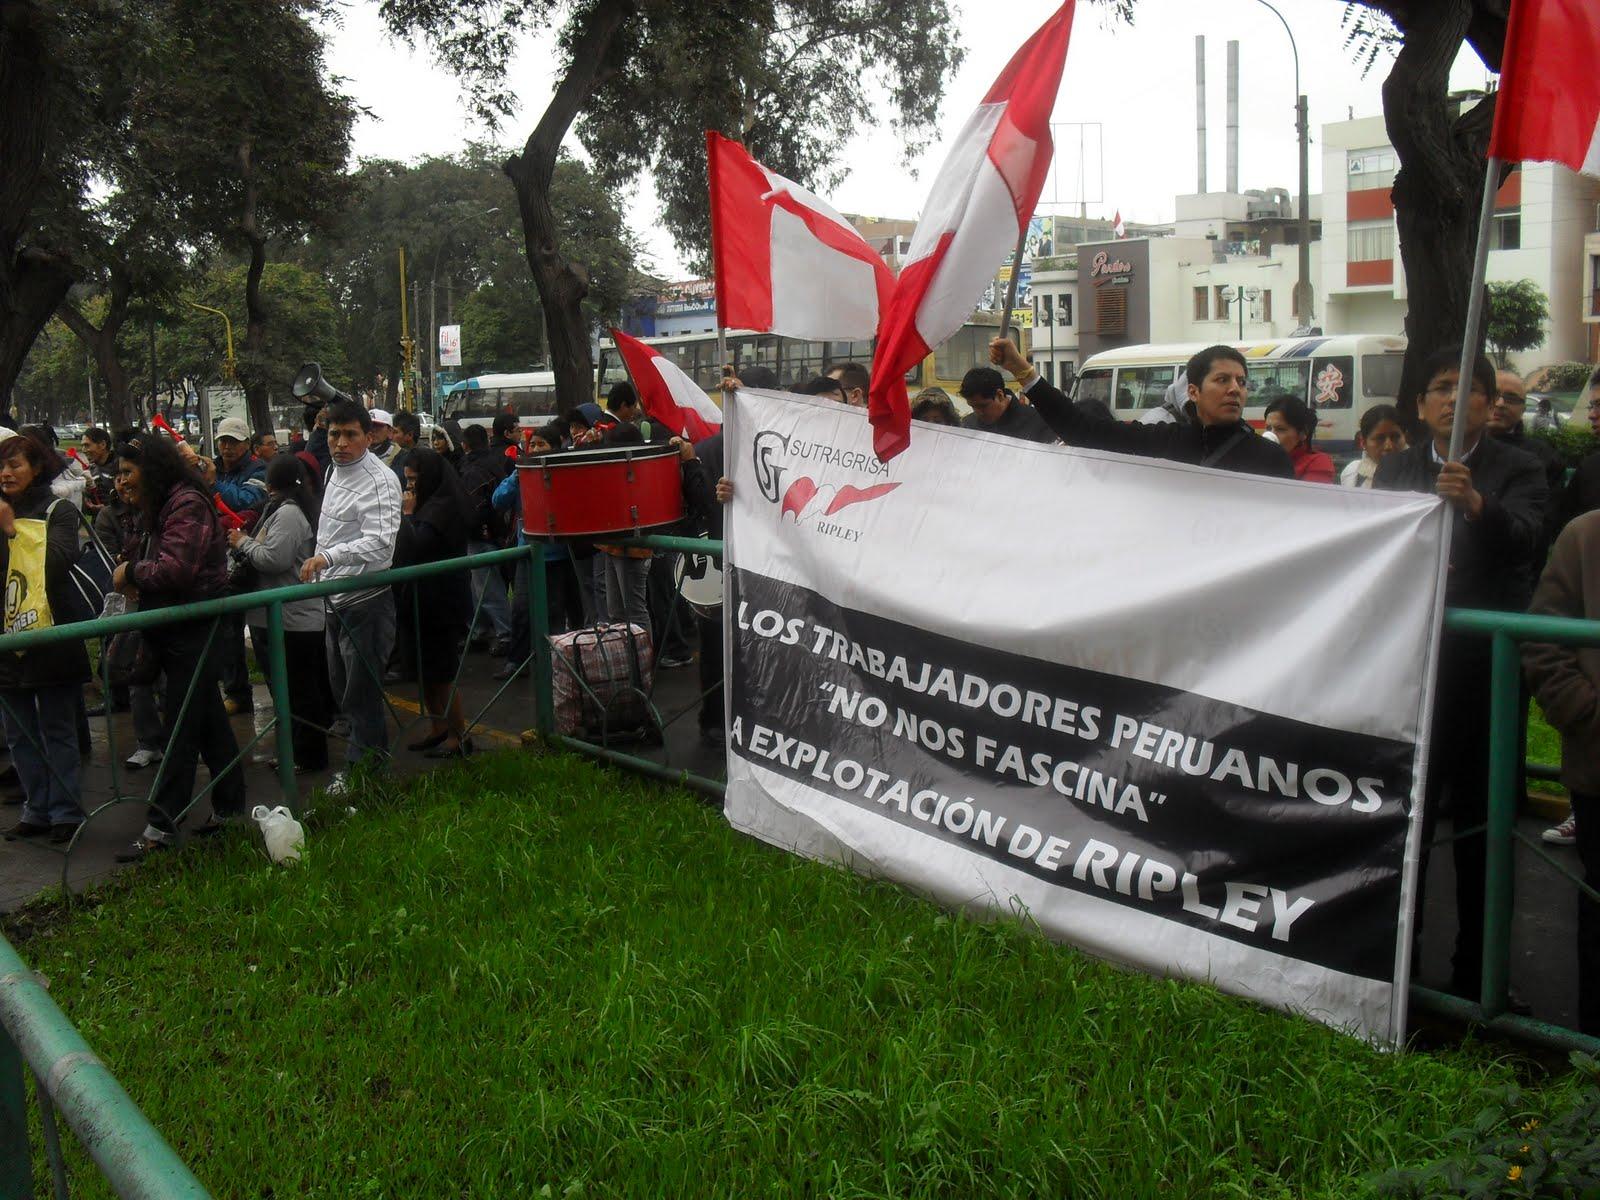 Pura letra chilena ripley margina y despide a peruanos for Comedores ripley chile